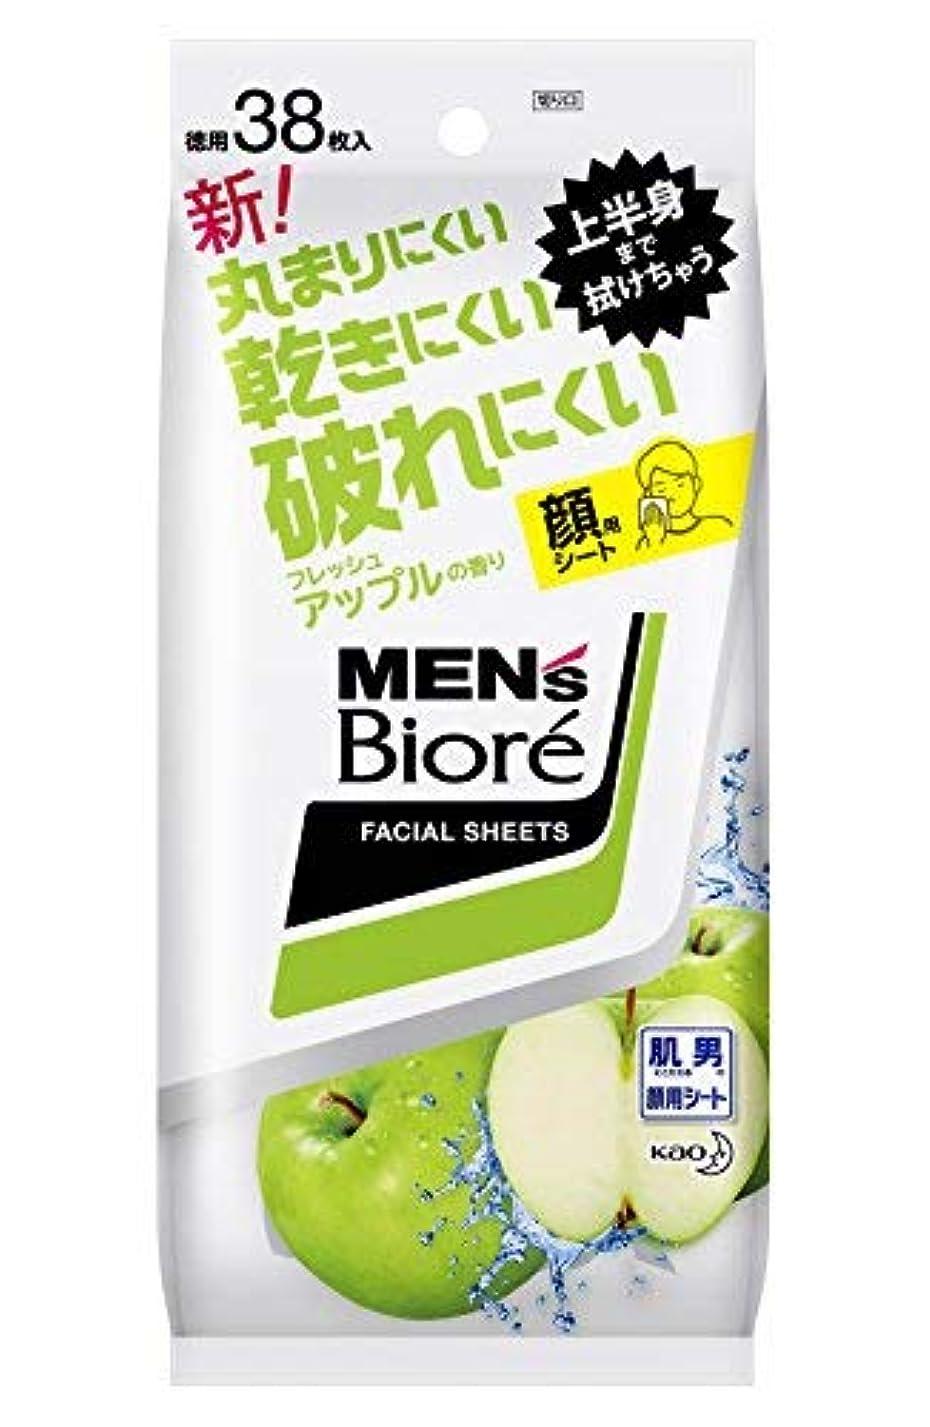 飲み込む離れたロータリー花王 メンズビオレ 洗顔シート フレッシュアップルの香り 卓上用 38枚入 × 8個セット